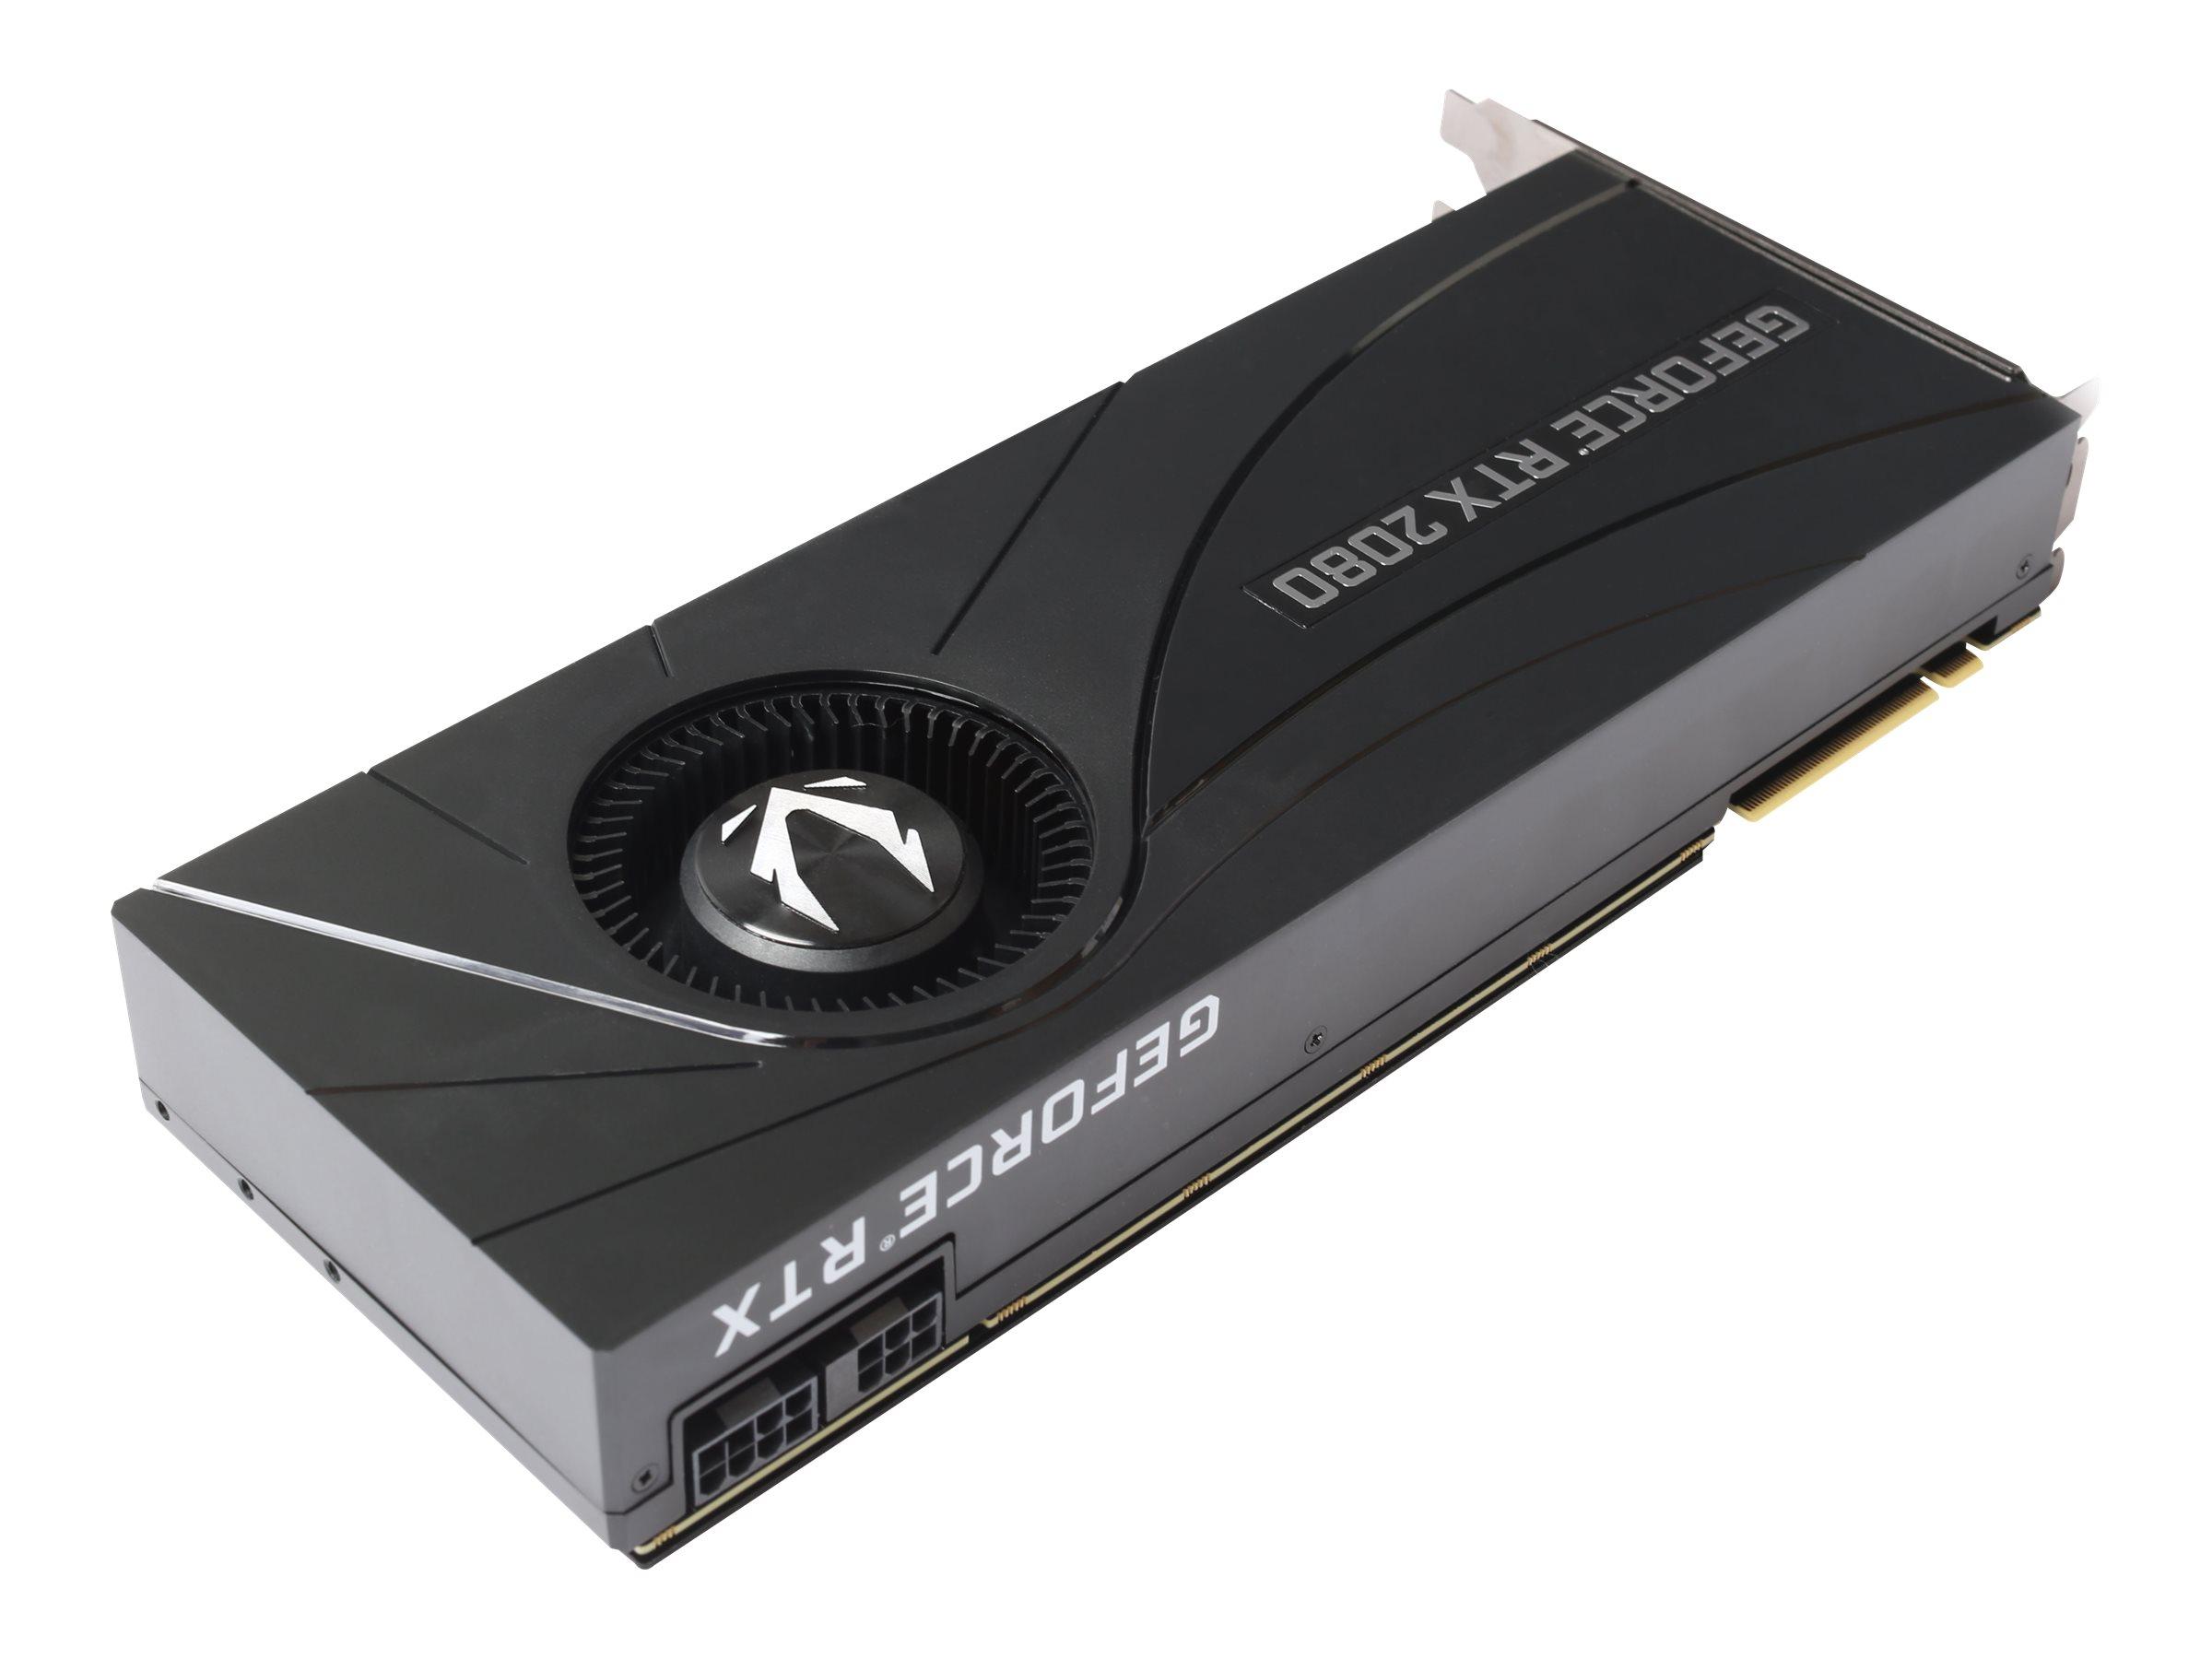 ZOTAC GAMING GeForce RTX 2080 Blower - Grafikkarten - GF RTX 2080 - 8 GB GDDR6 - PCIe 3.0 x16 - HDMI, 3 x DisplayPort, USB-C